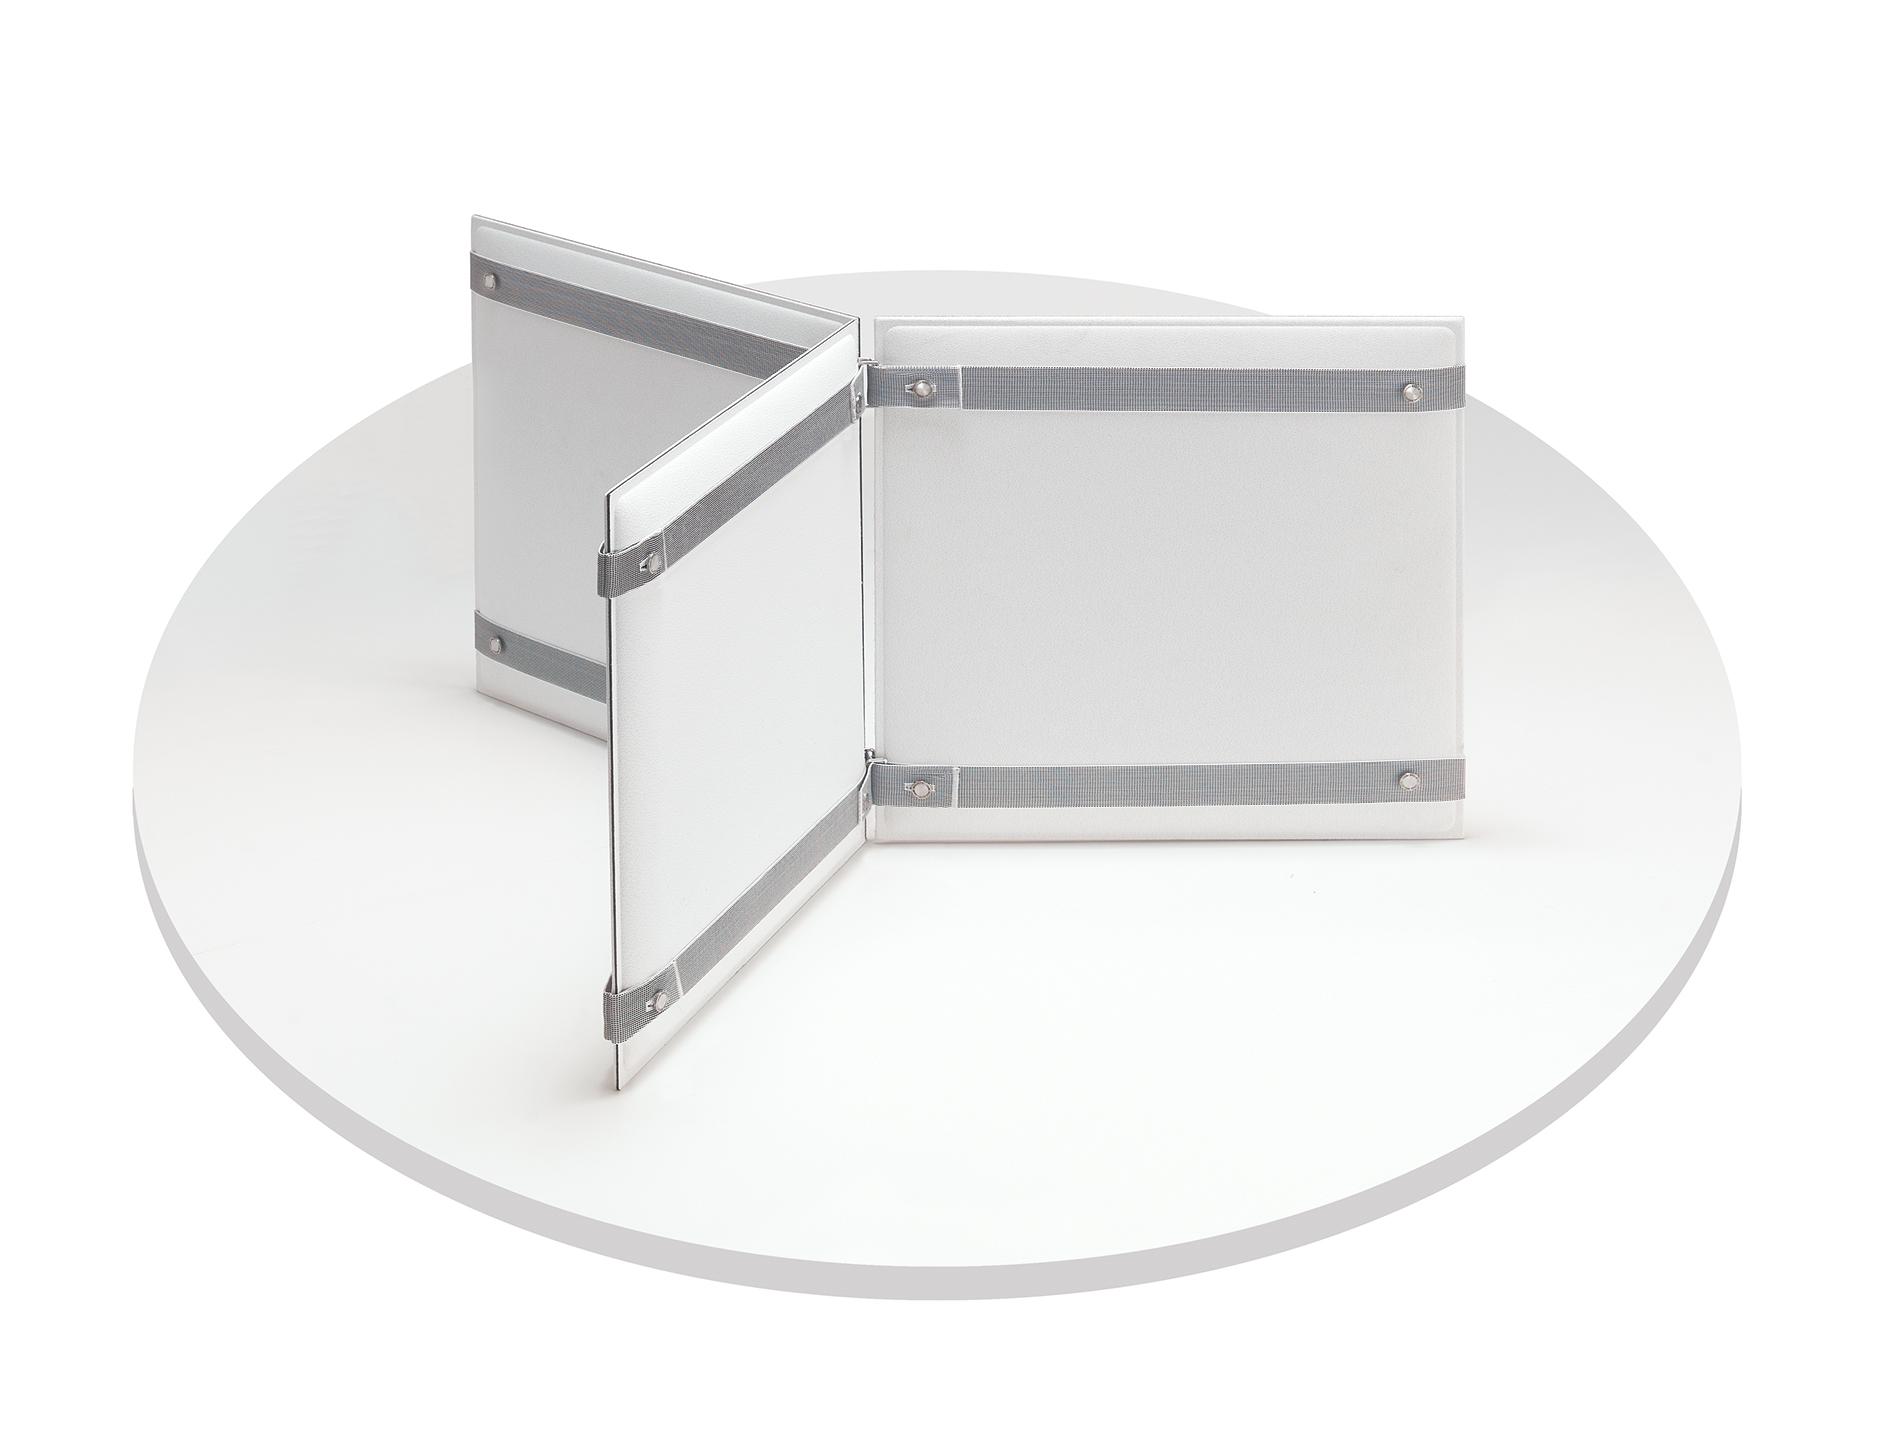 CAIMI Caimi Pli Desk - Gamme de panneaux acoustiques pour bureaux